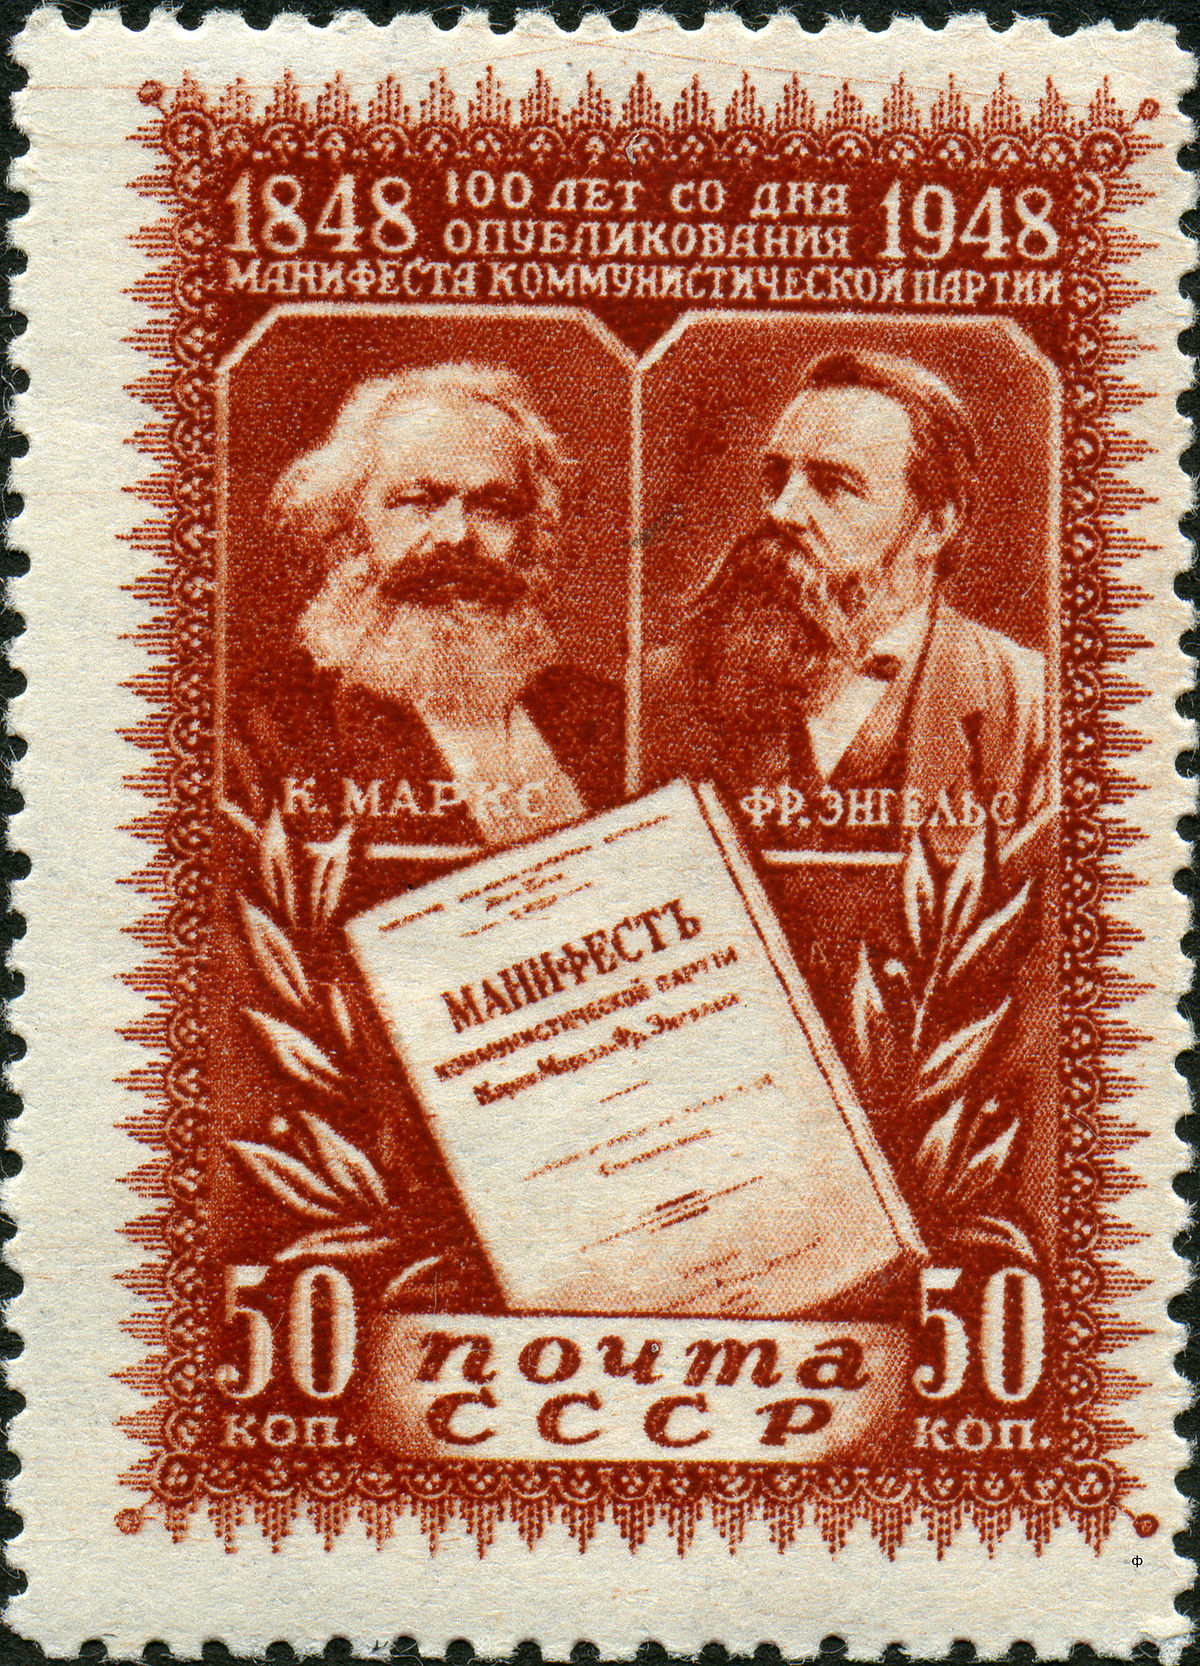 manifeste du parti communiste  u2014 wikip u00e9dia